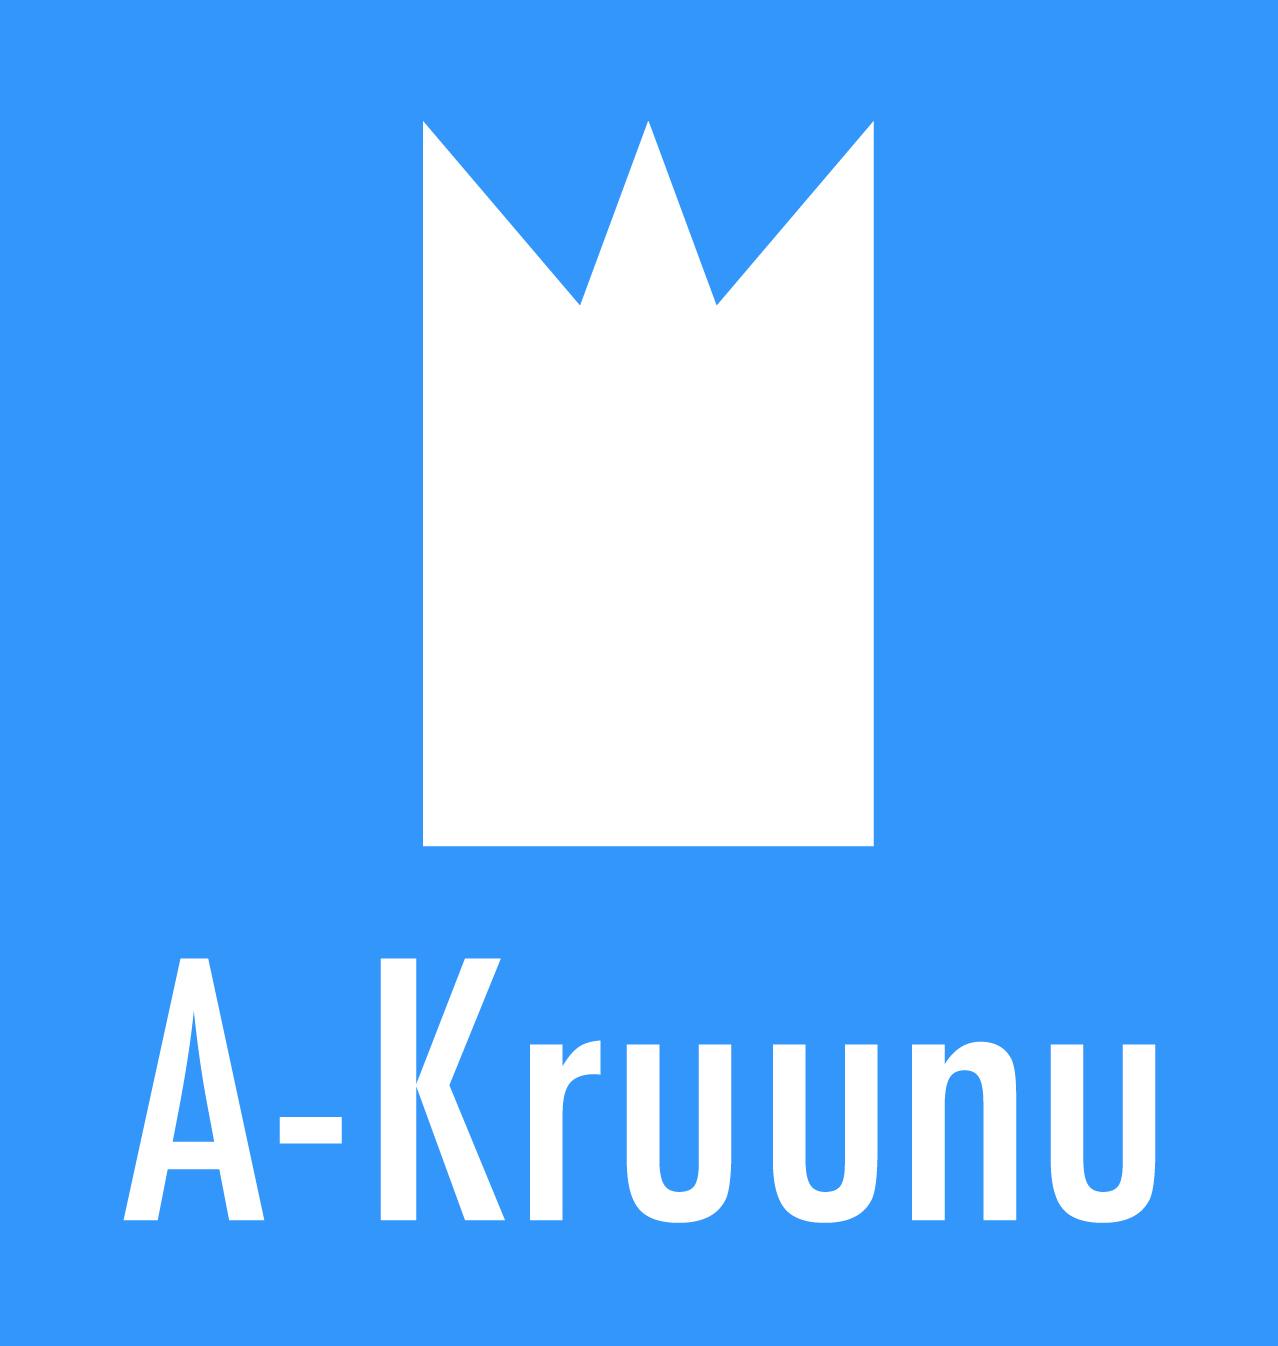 A-Kruunu Oy